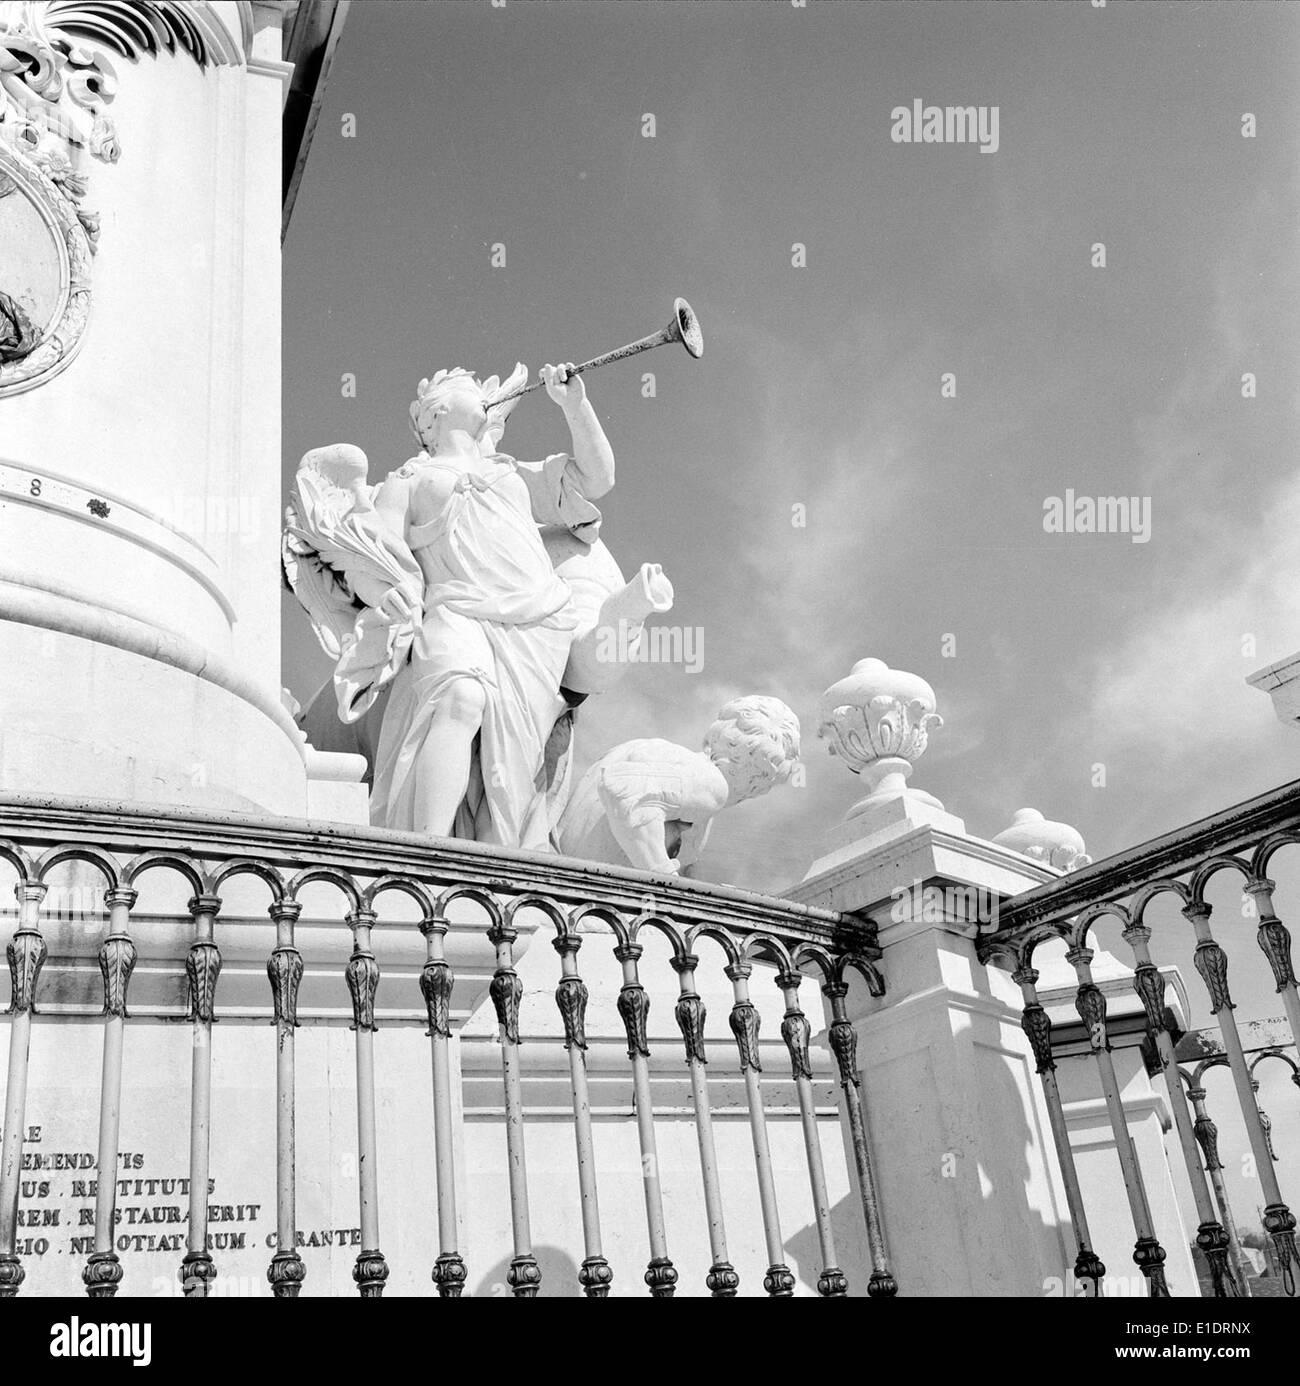 Estátua Equestre de D.José I, Lisboa, Portugal - Stock Image